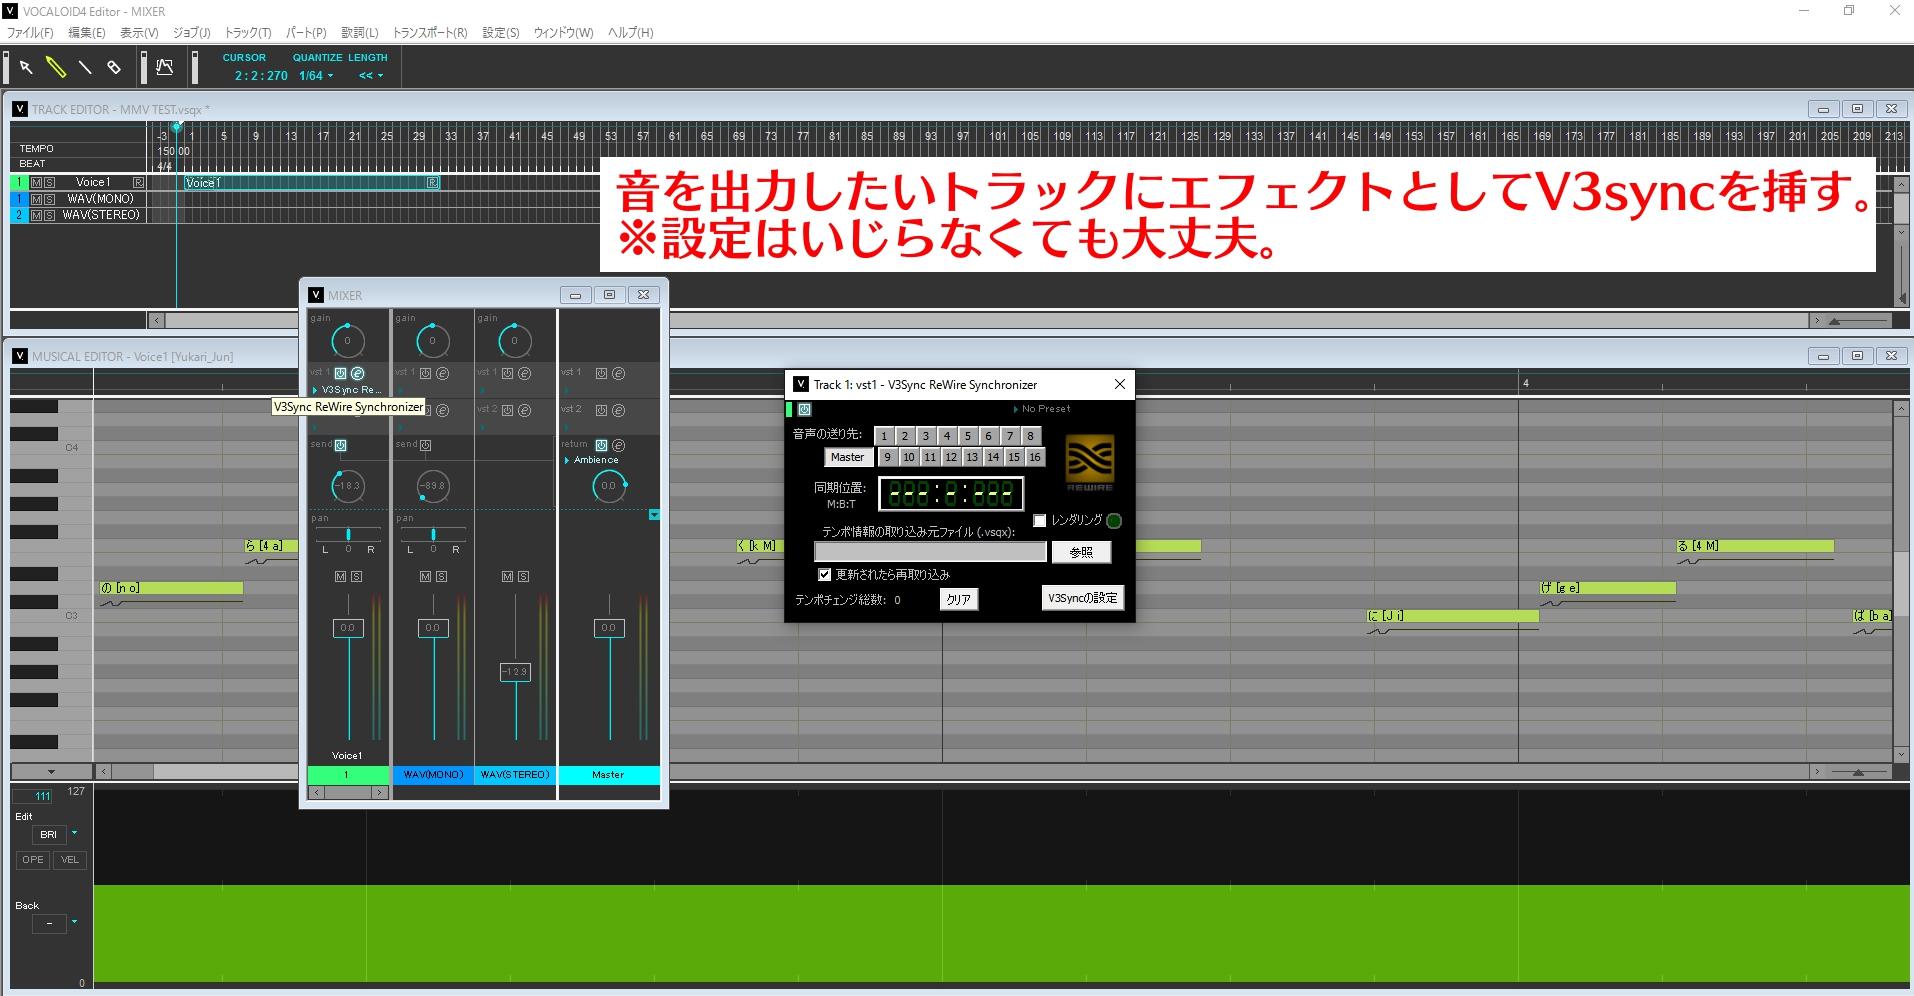 V3sync 画面